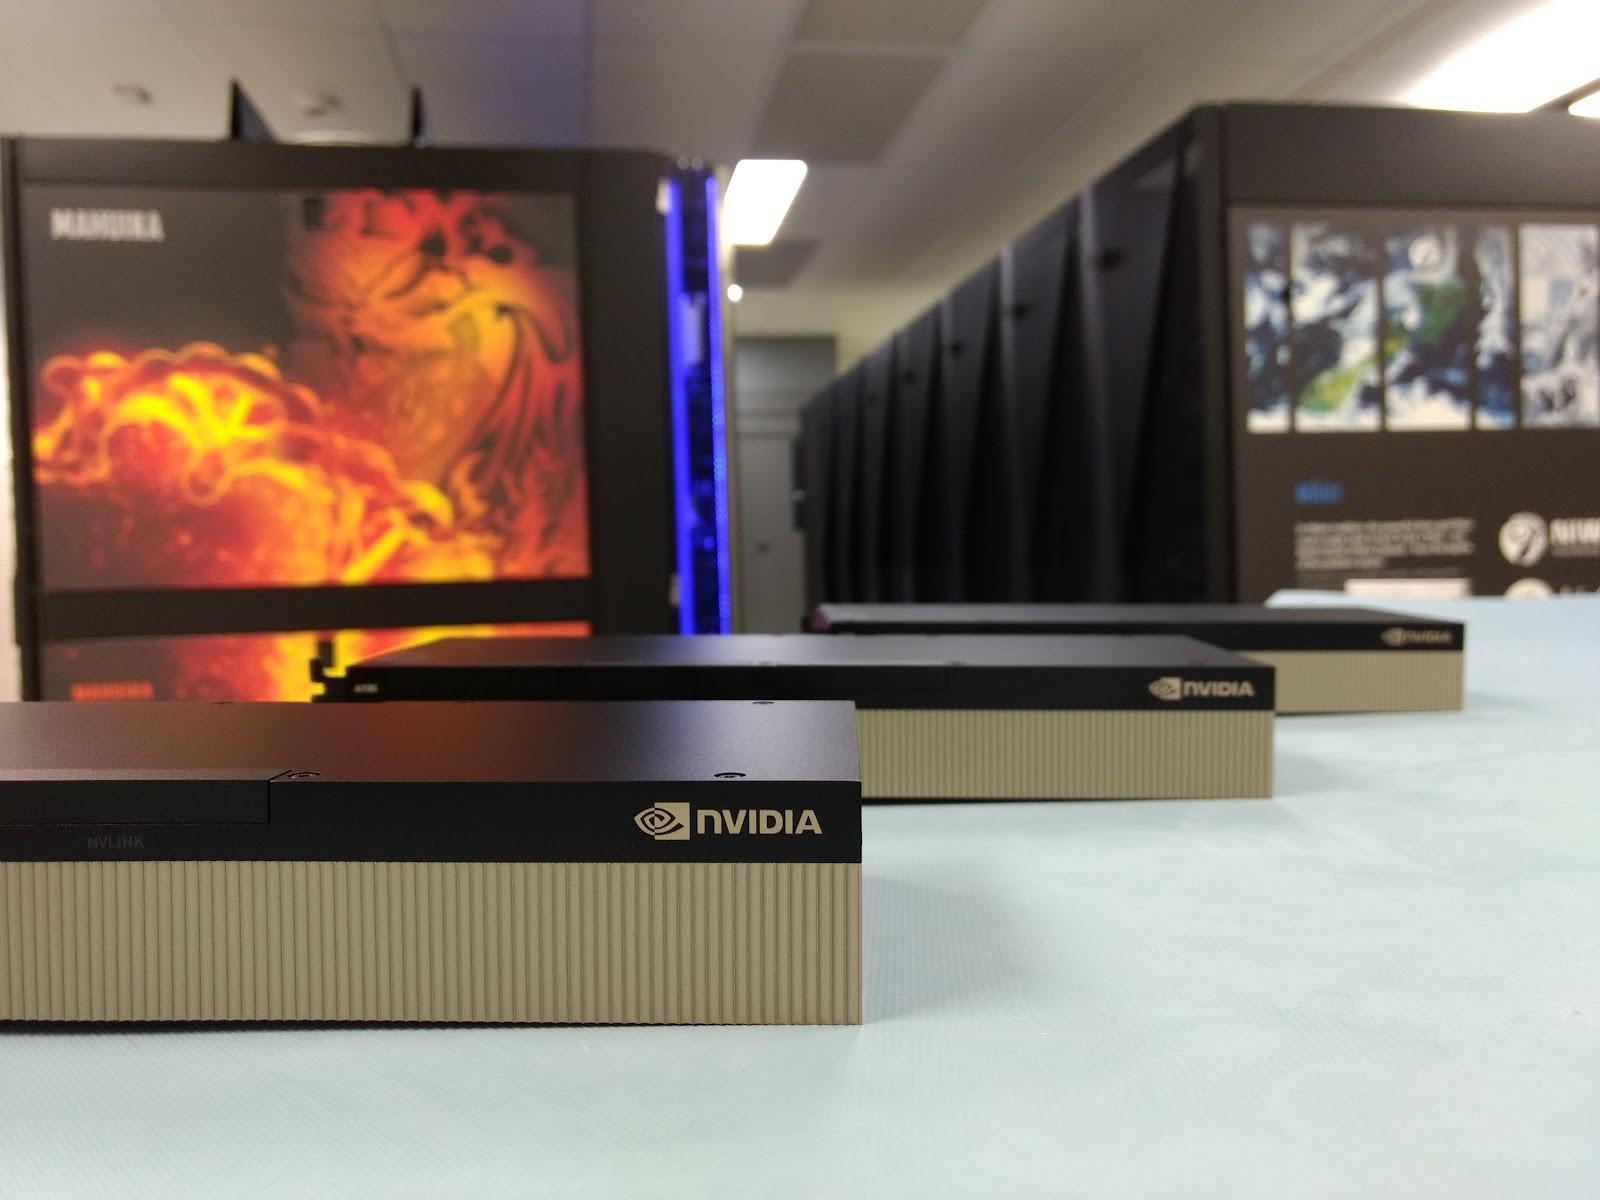 Picture of NVIDIA GPUs.